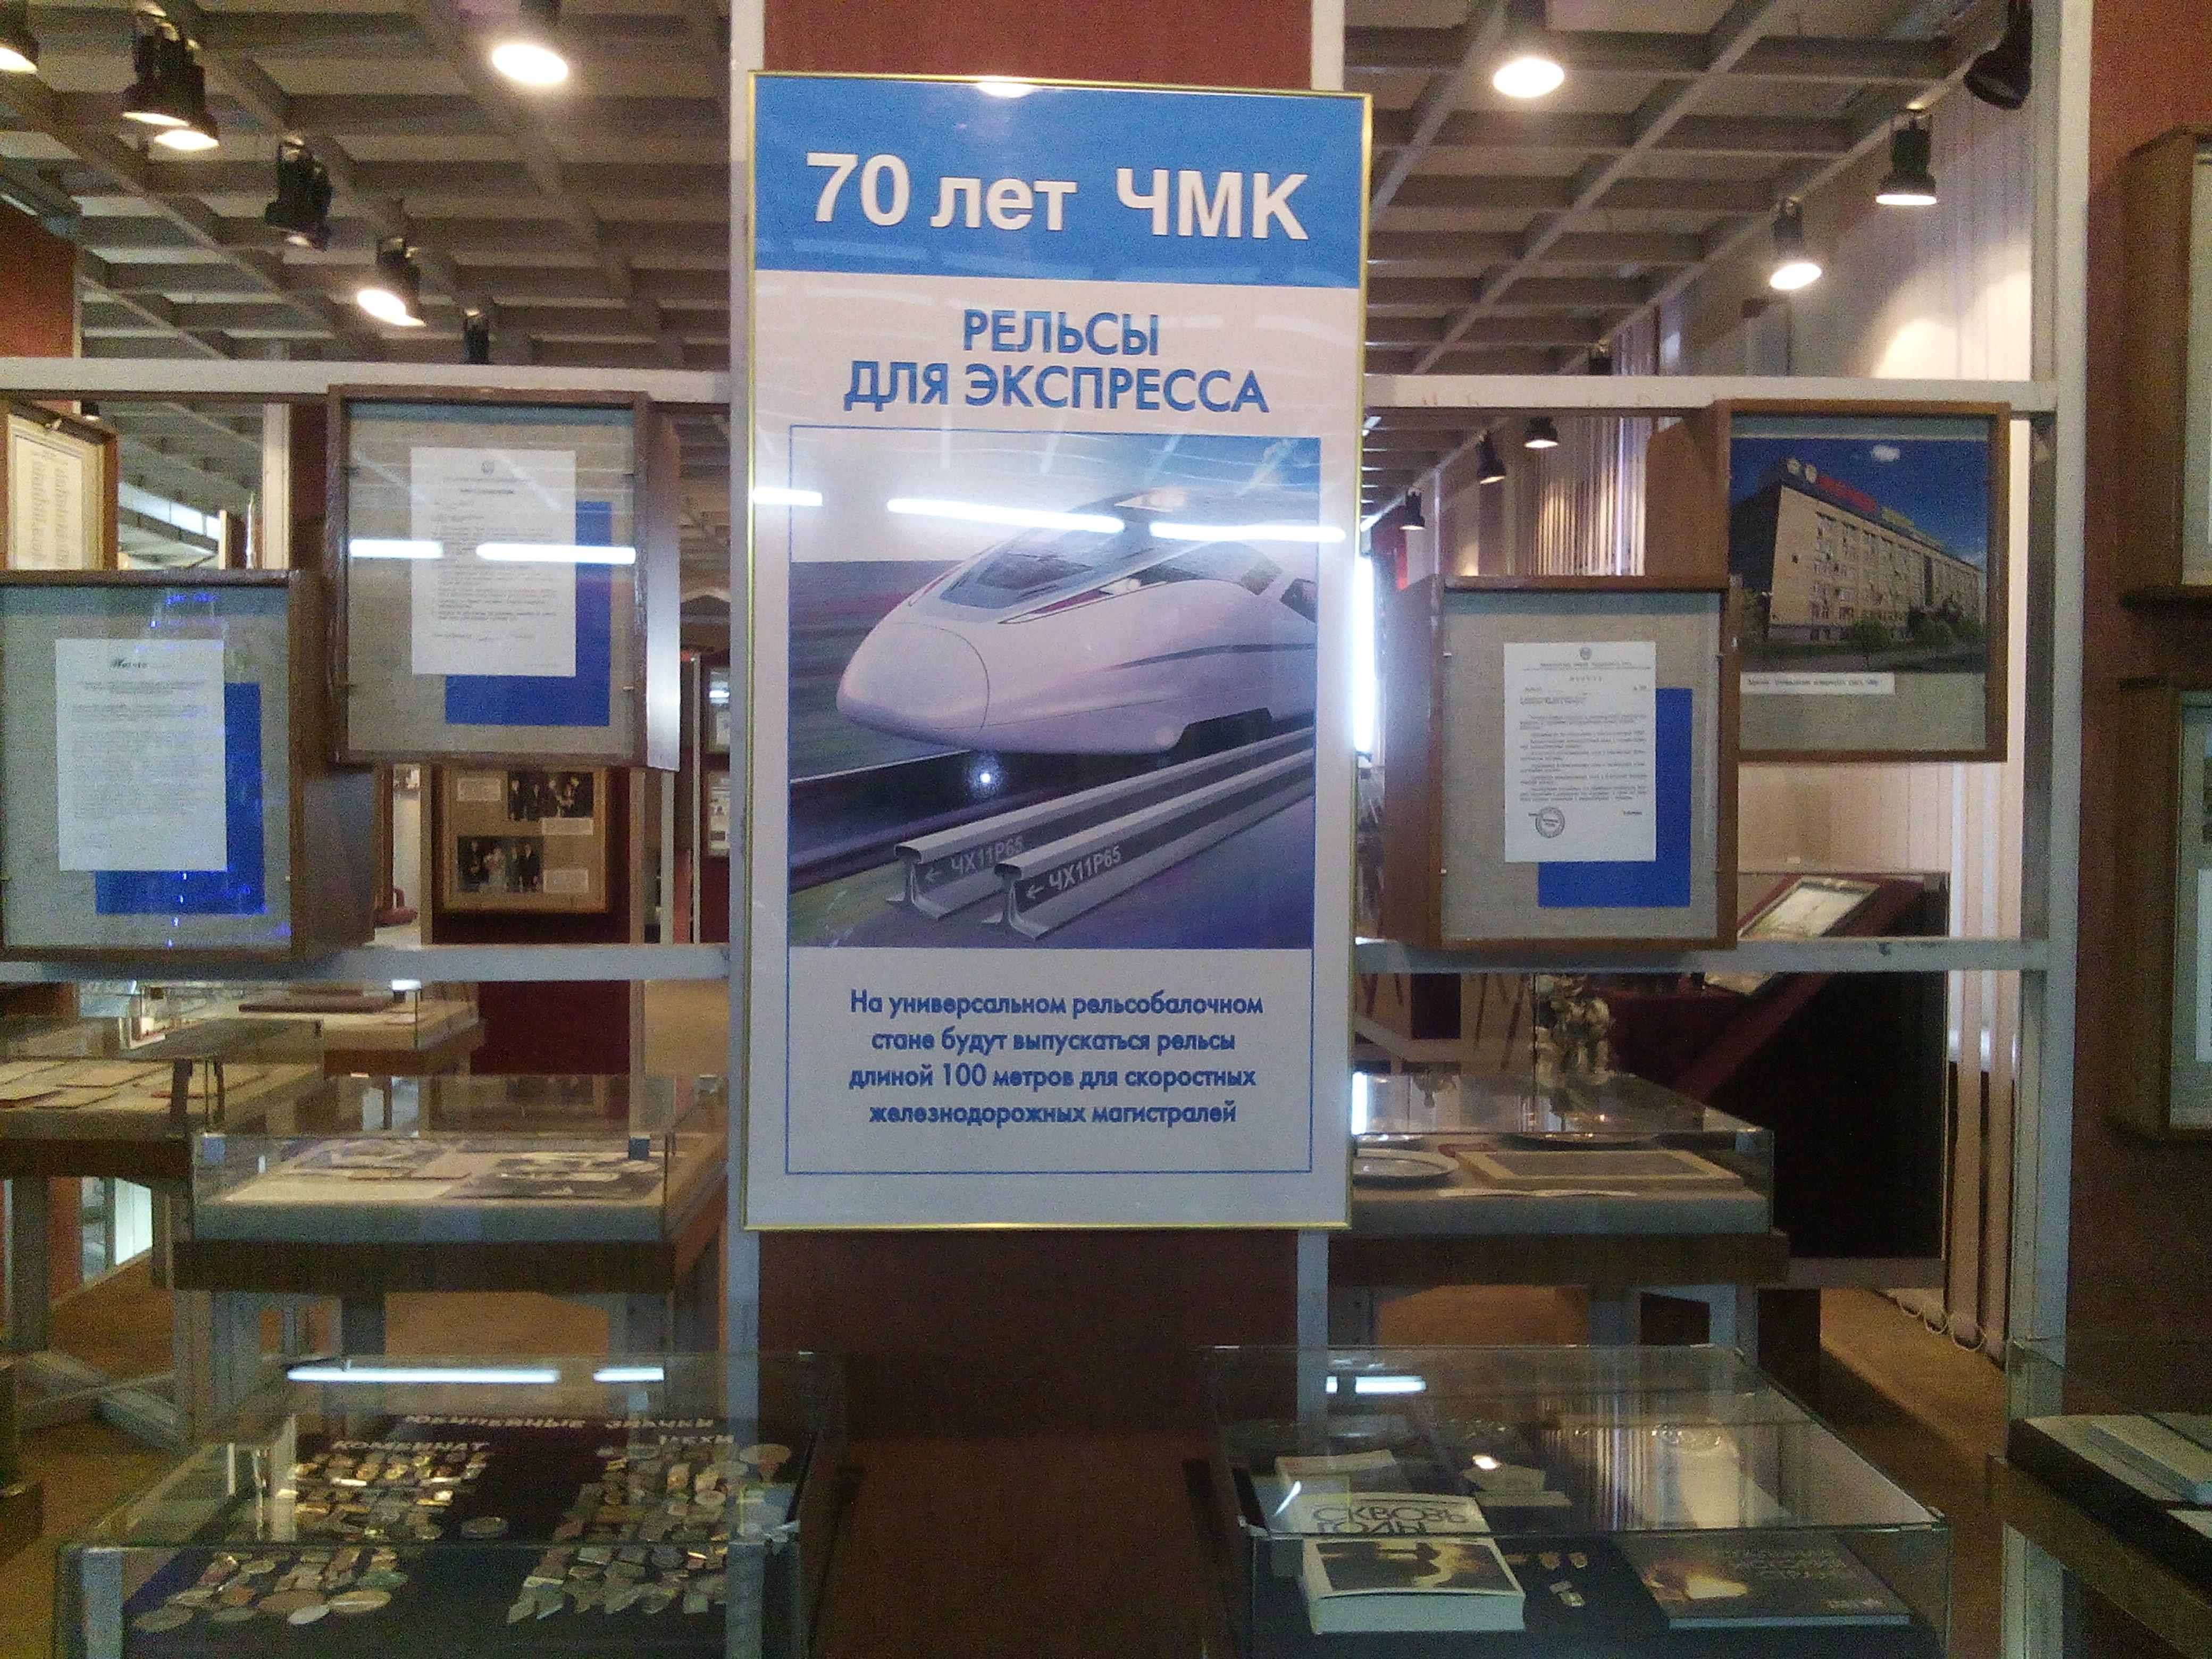 Музей истории ЧМК (25.11.2015)